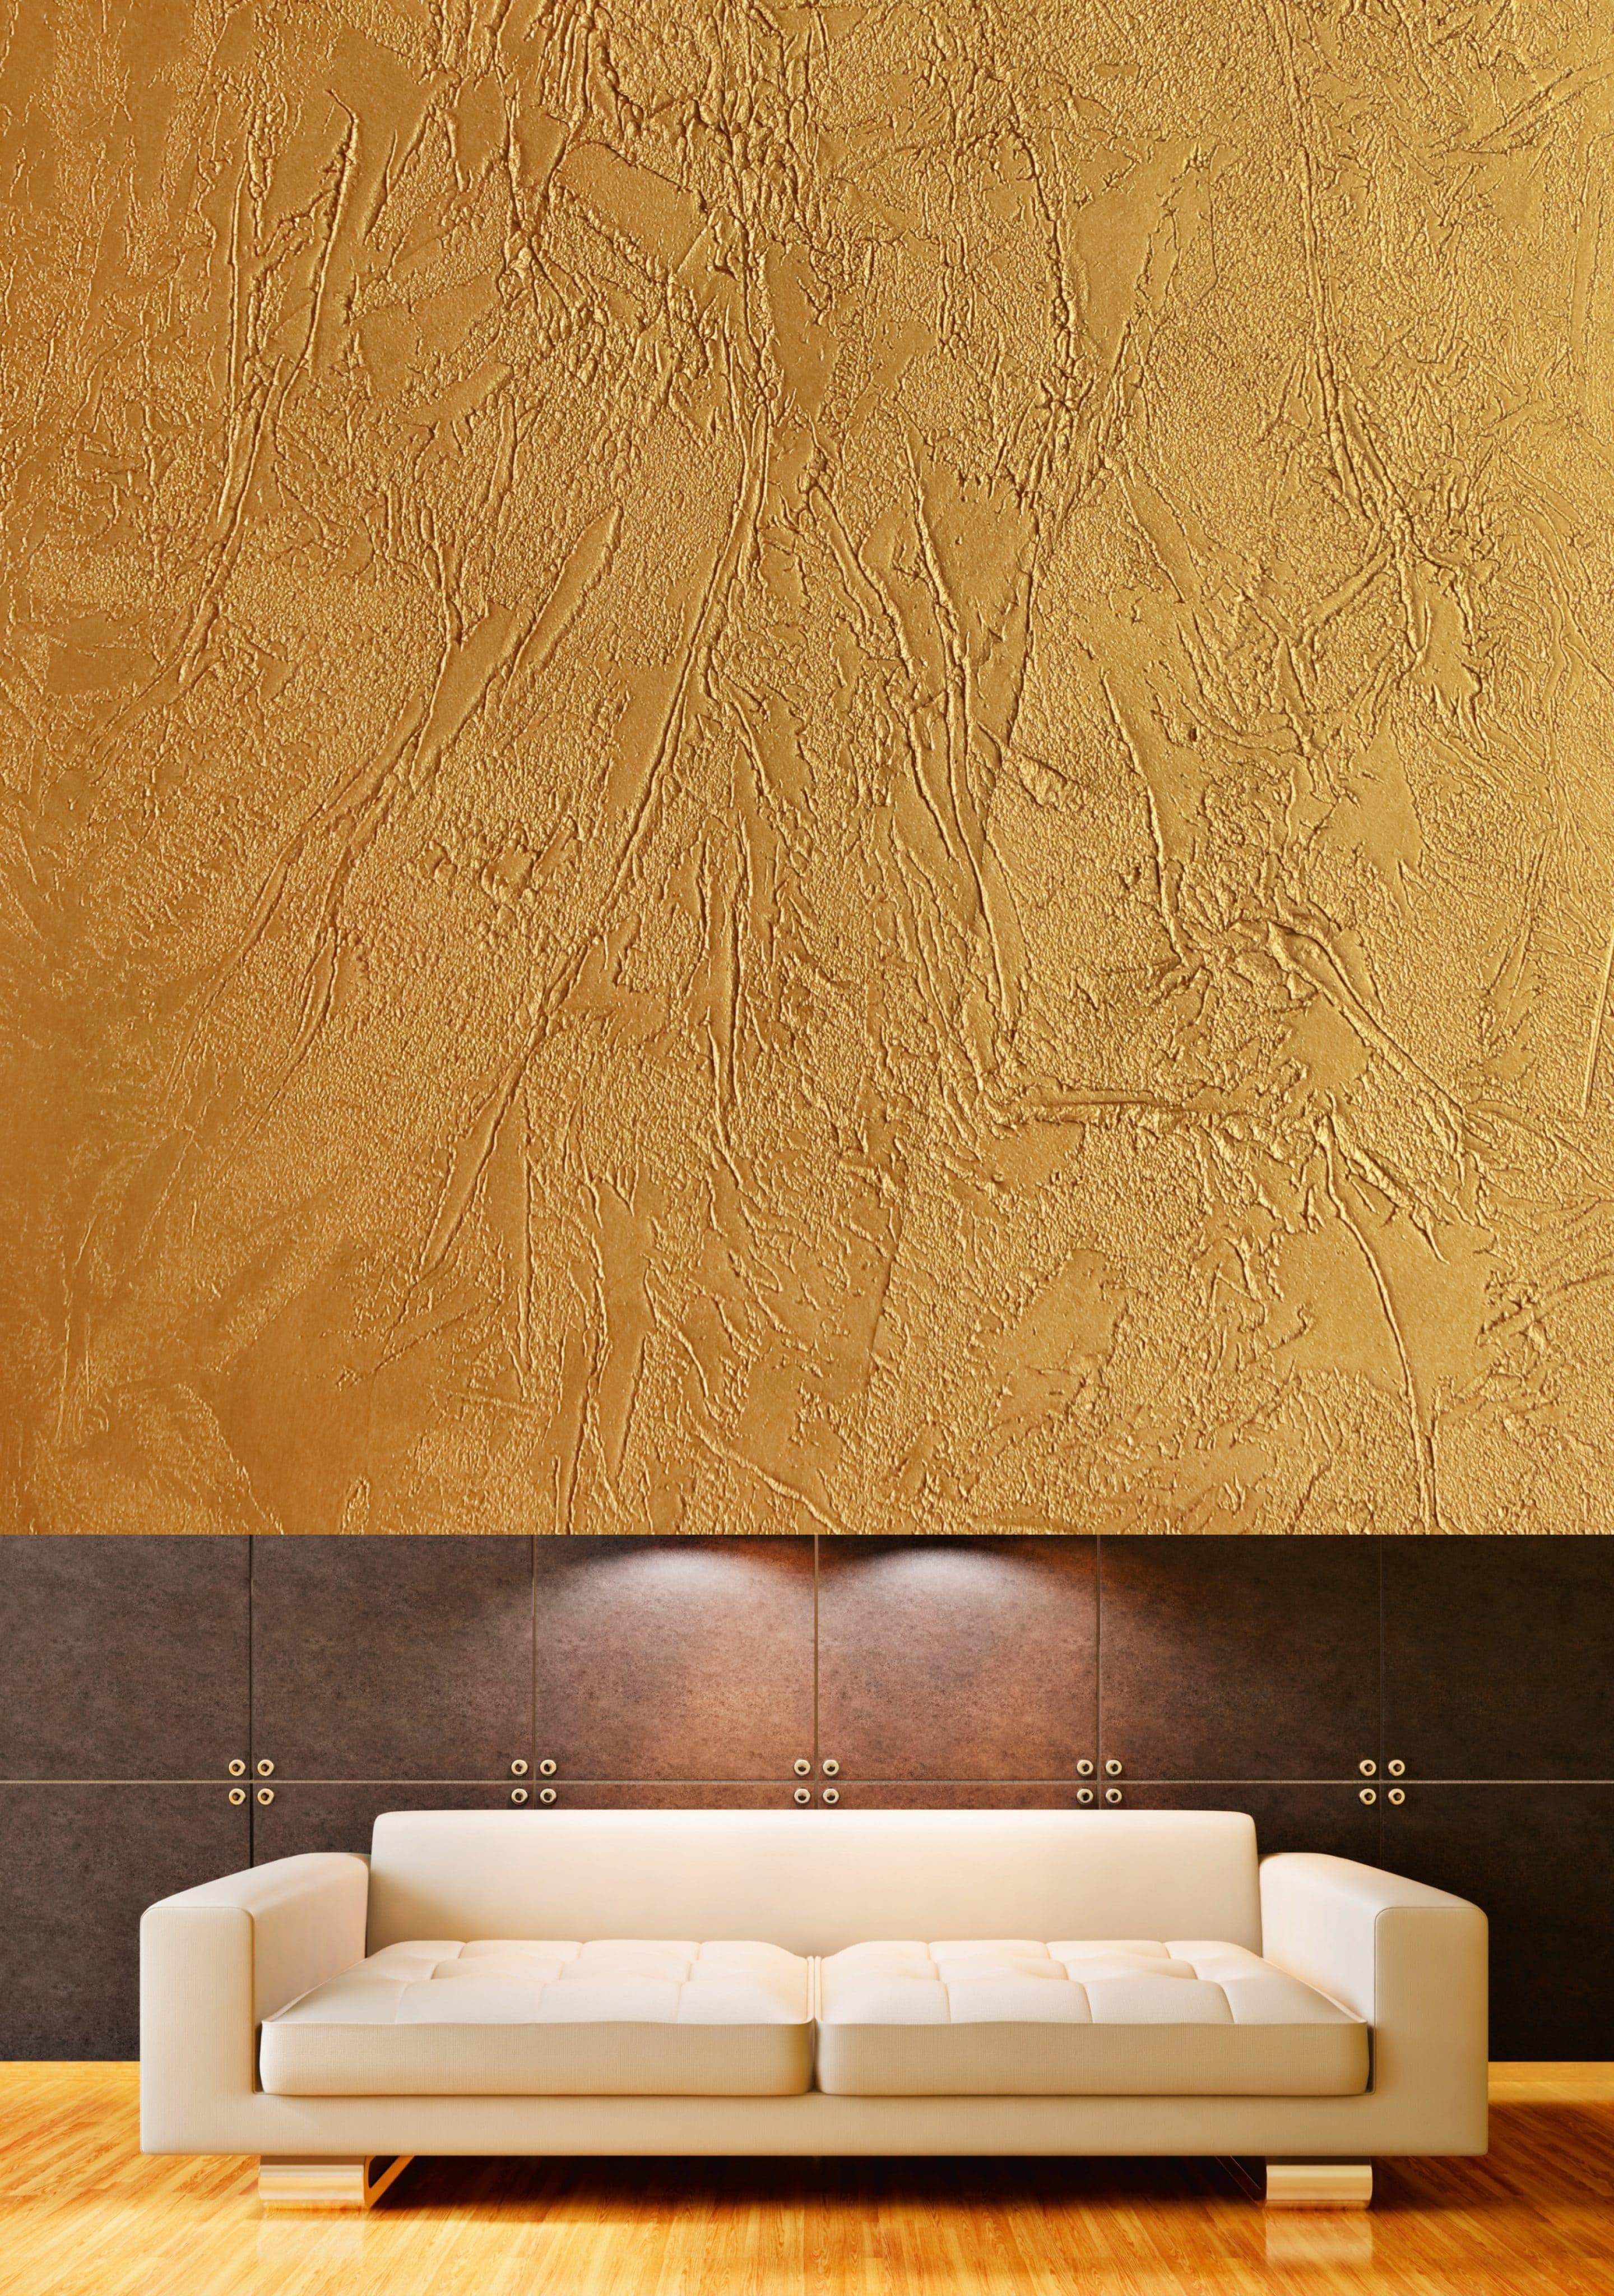 schluss mit langeweile jetzt kommt highline der neue. Black Bedroom Furniture Sets. Home Design Ideas